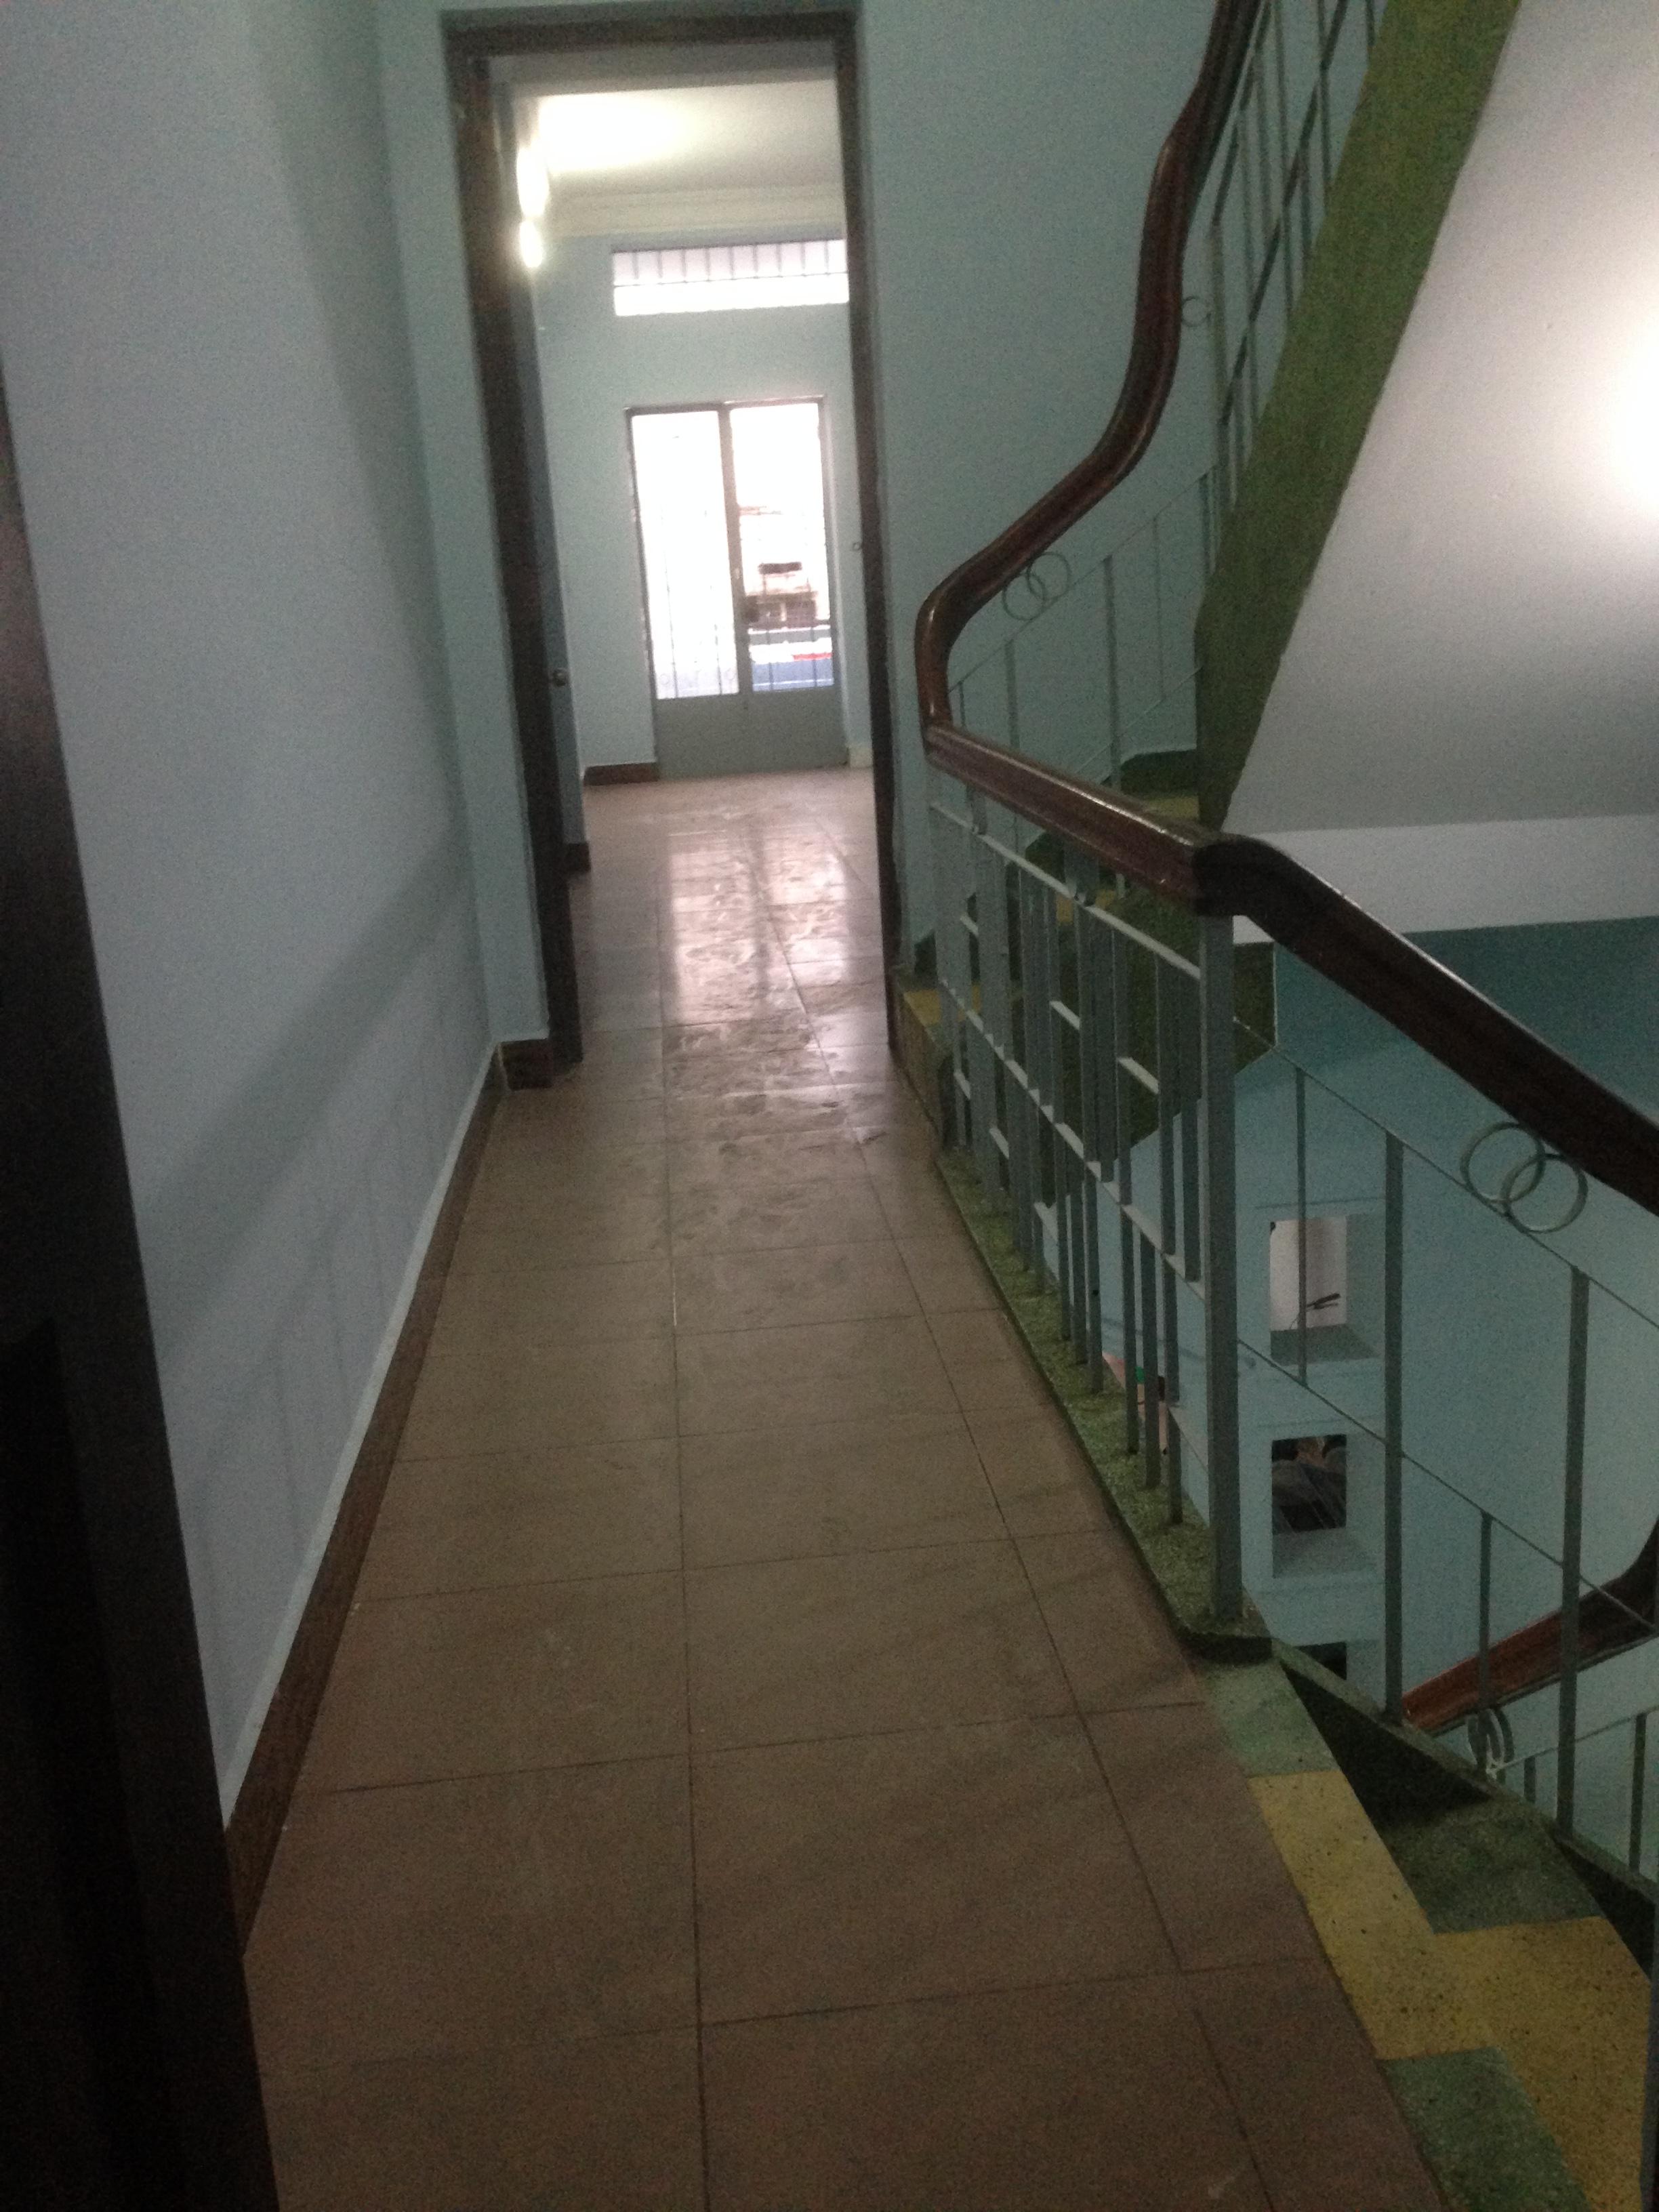 2 Phòng rộng 25m2, CÓ SÂN THƯỢNG RIÊNG 30M2- 313 Đinh Bộ Lĩnh, gần Hàng Xanh, 3.5 triệu/tháng